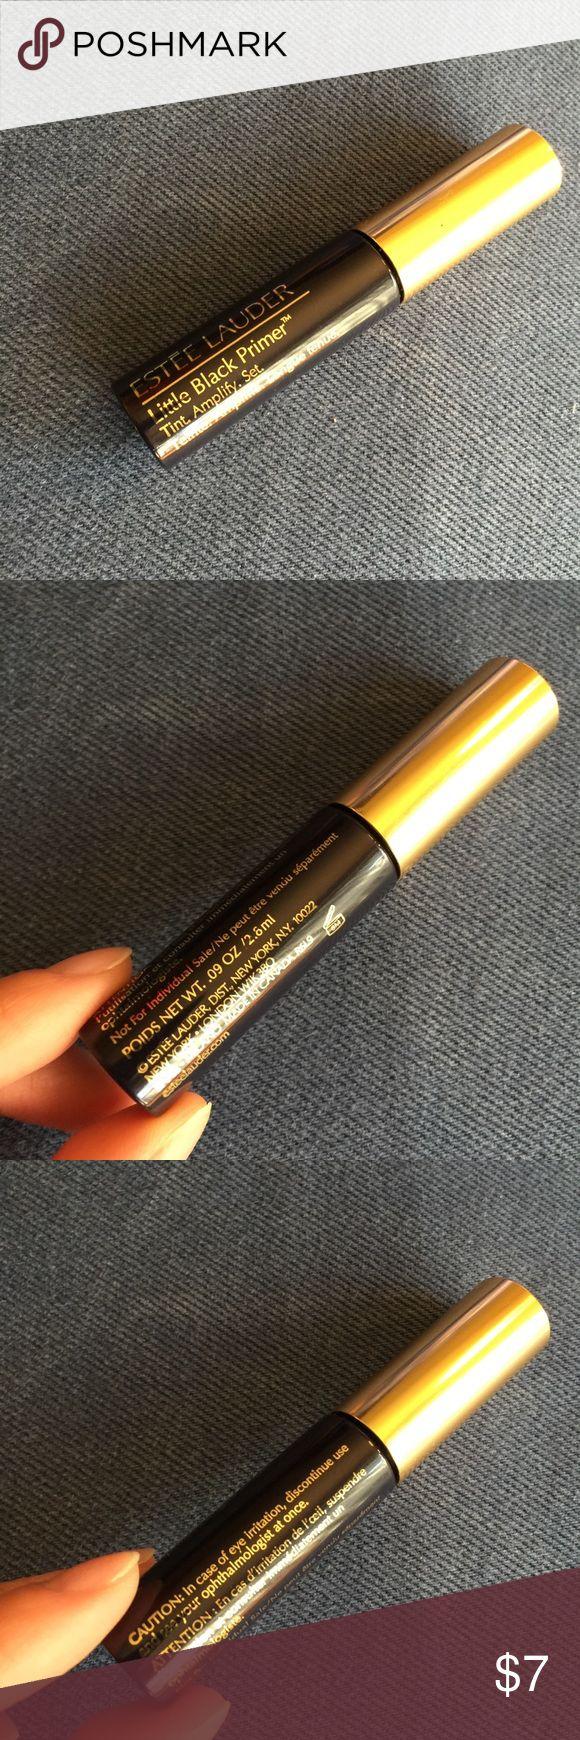 Estée Lauder black mascara sample Estée Lauder little black primer. Size: 2.8ml. Brand new, never used. Estee Lauder Makeup Mascara